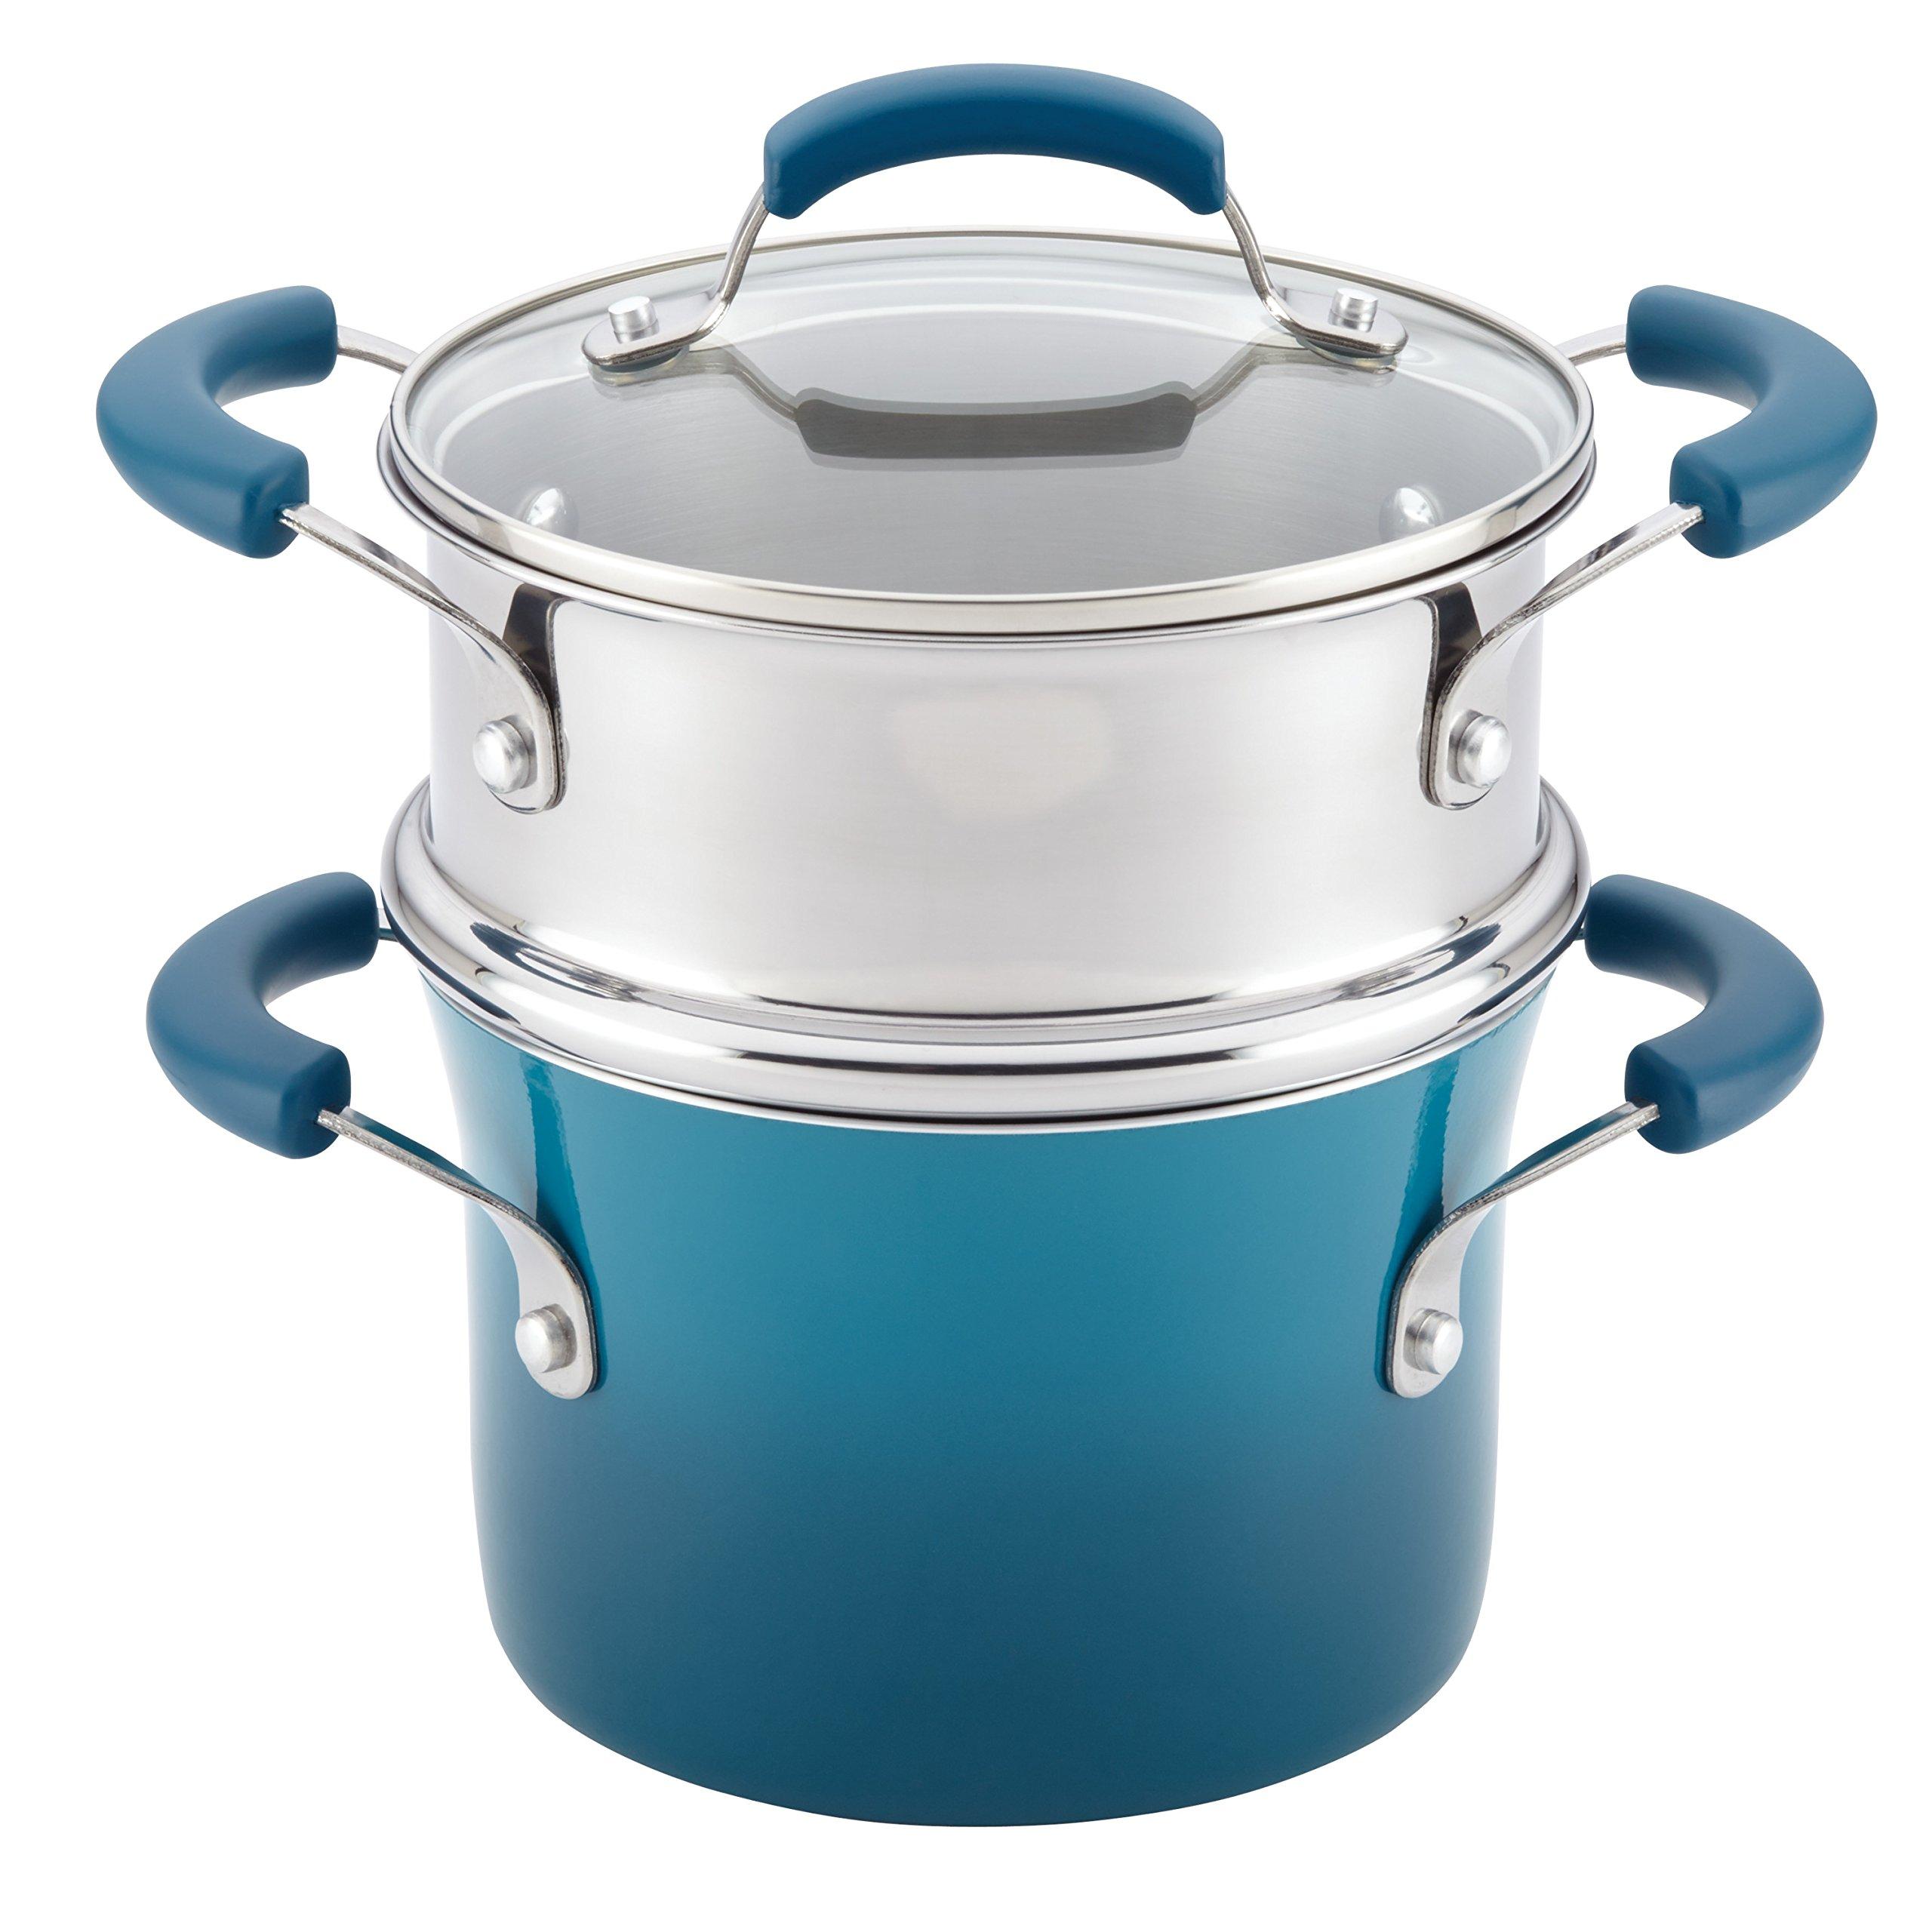 Rachael Ray Nonstick Sauce Pot and Steamer Insert Set, 3-Quart, Marine Blue Gradient